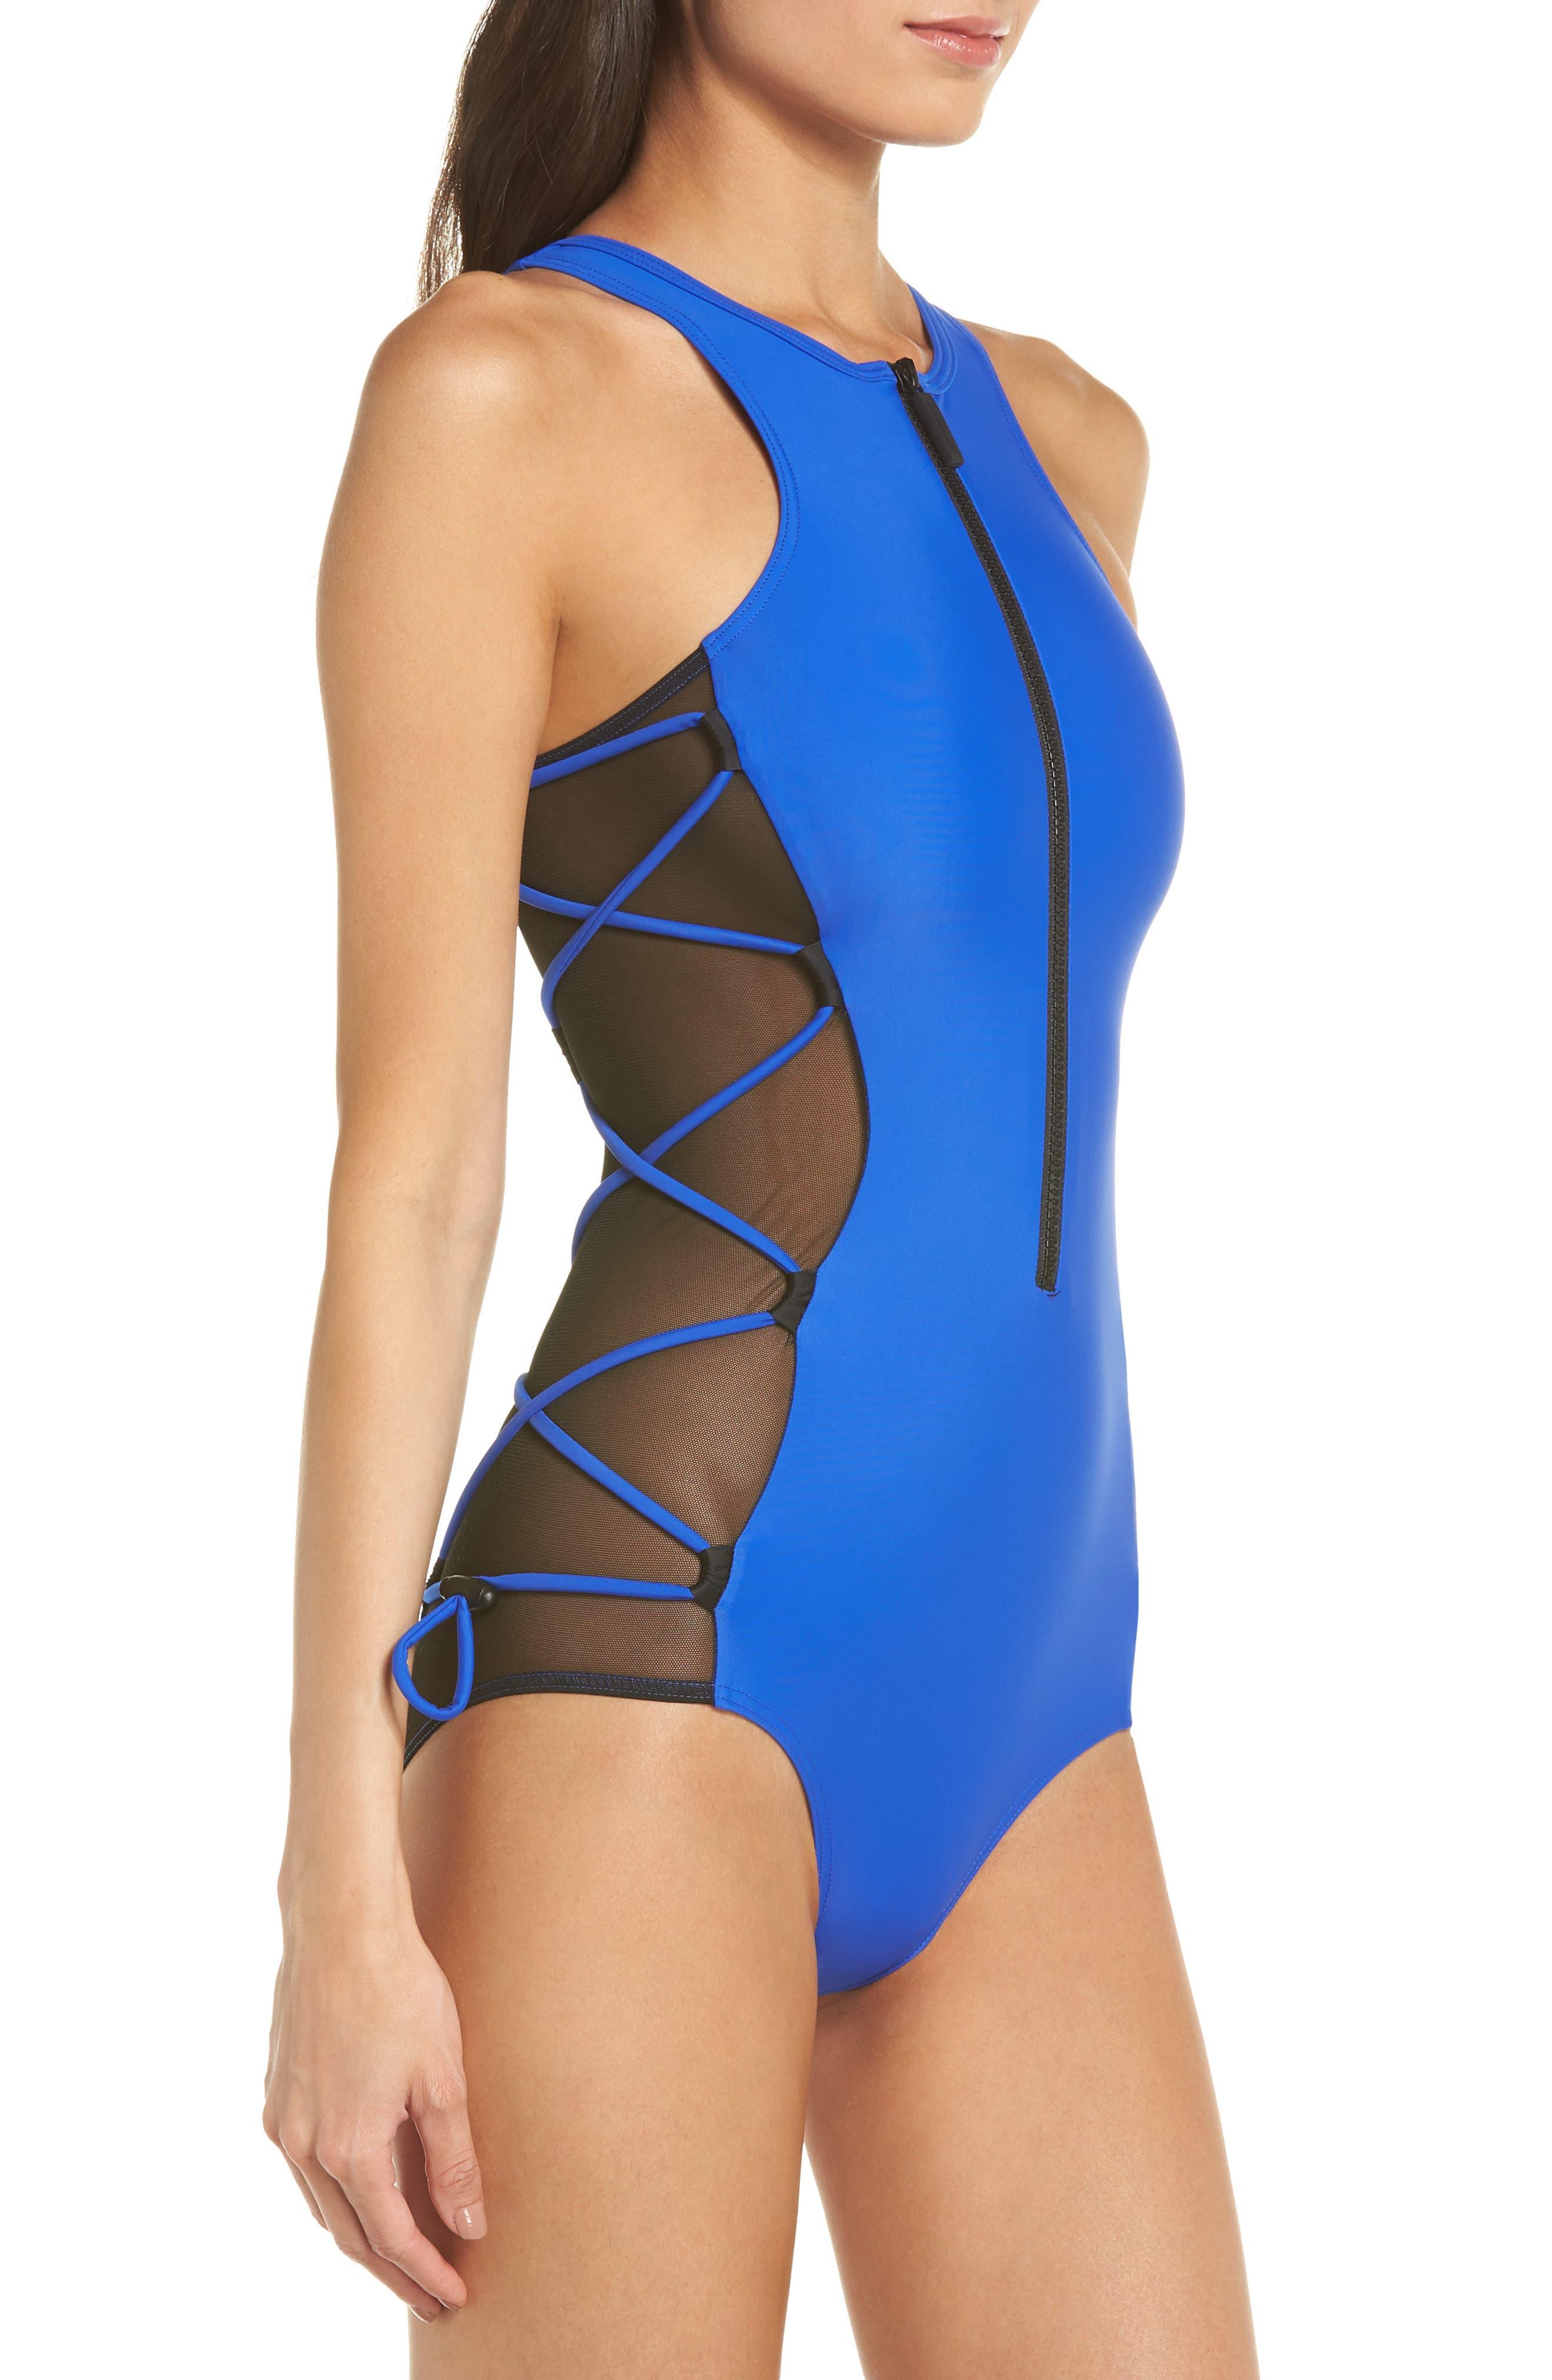 Launch One-Piece Swimsuit,                             Alternate thumbnail 3, color,                             BLUE/ BLACK